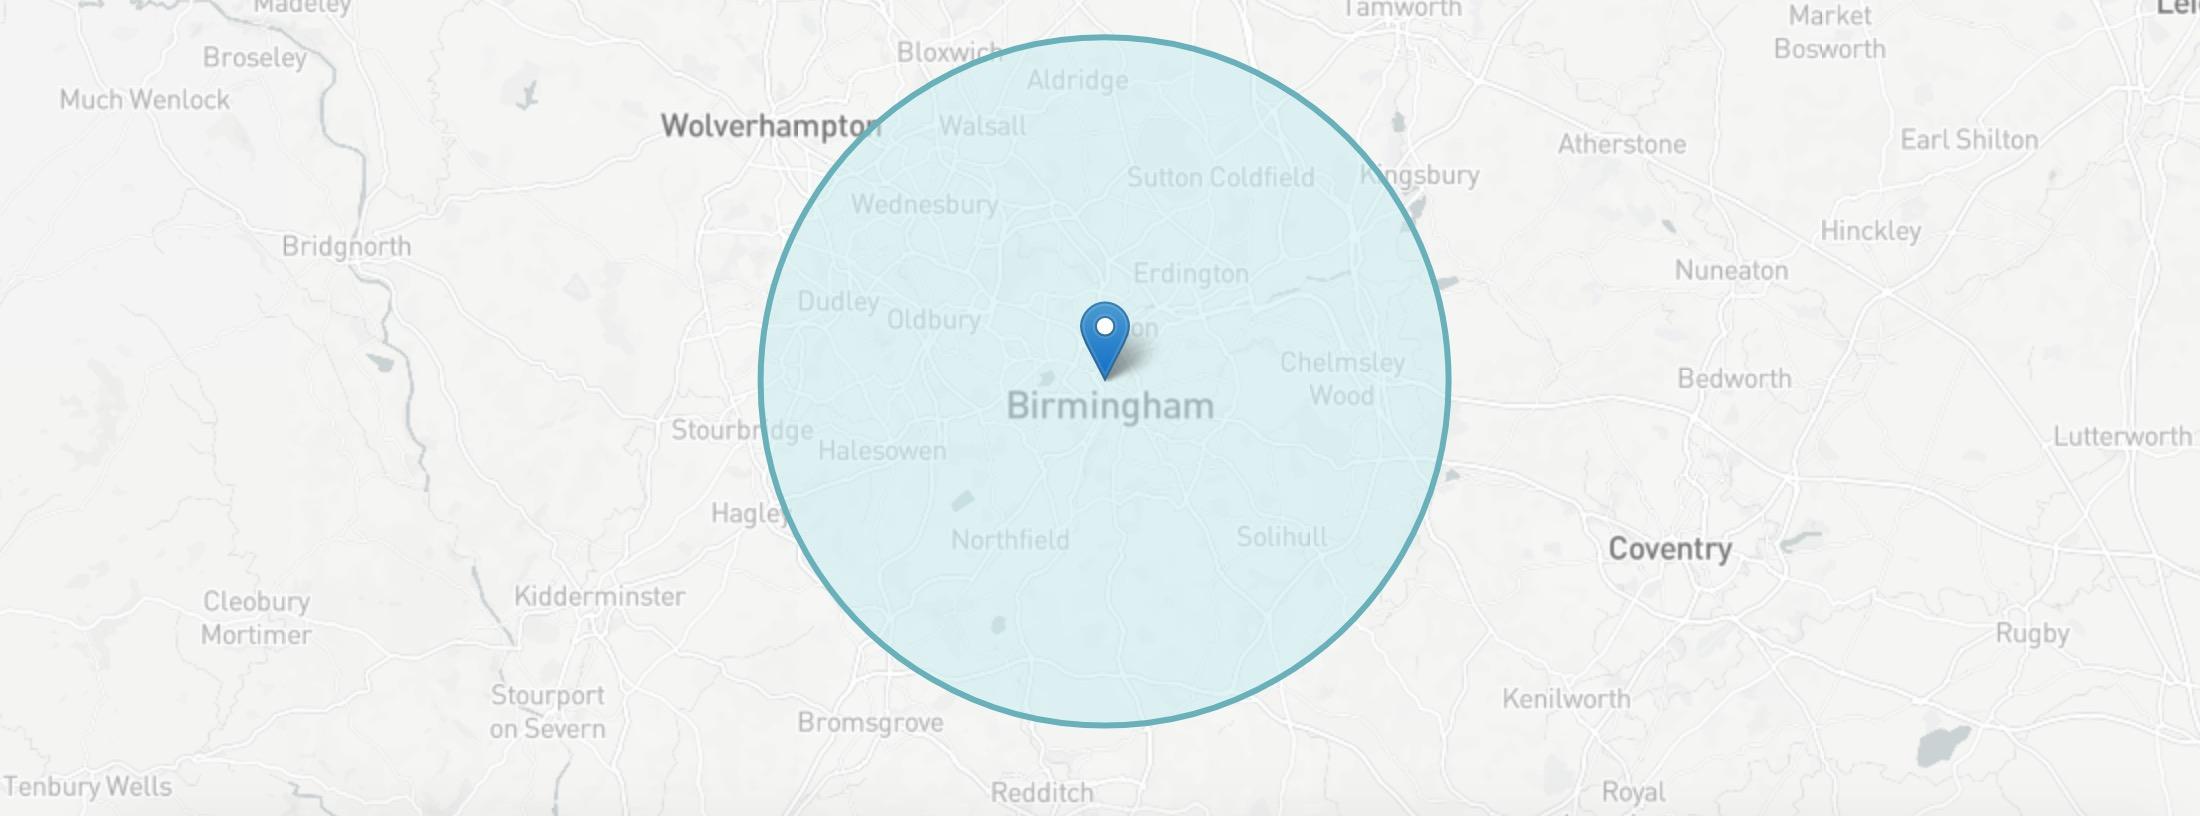 radius-map-uk